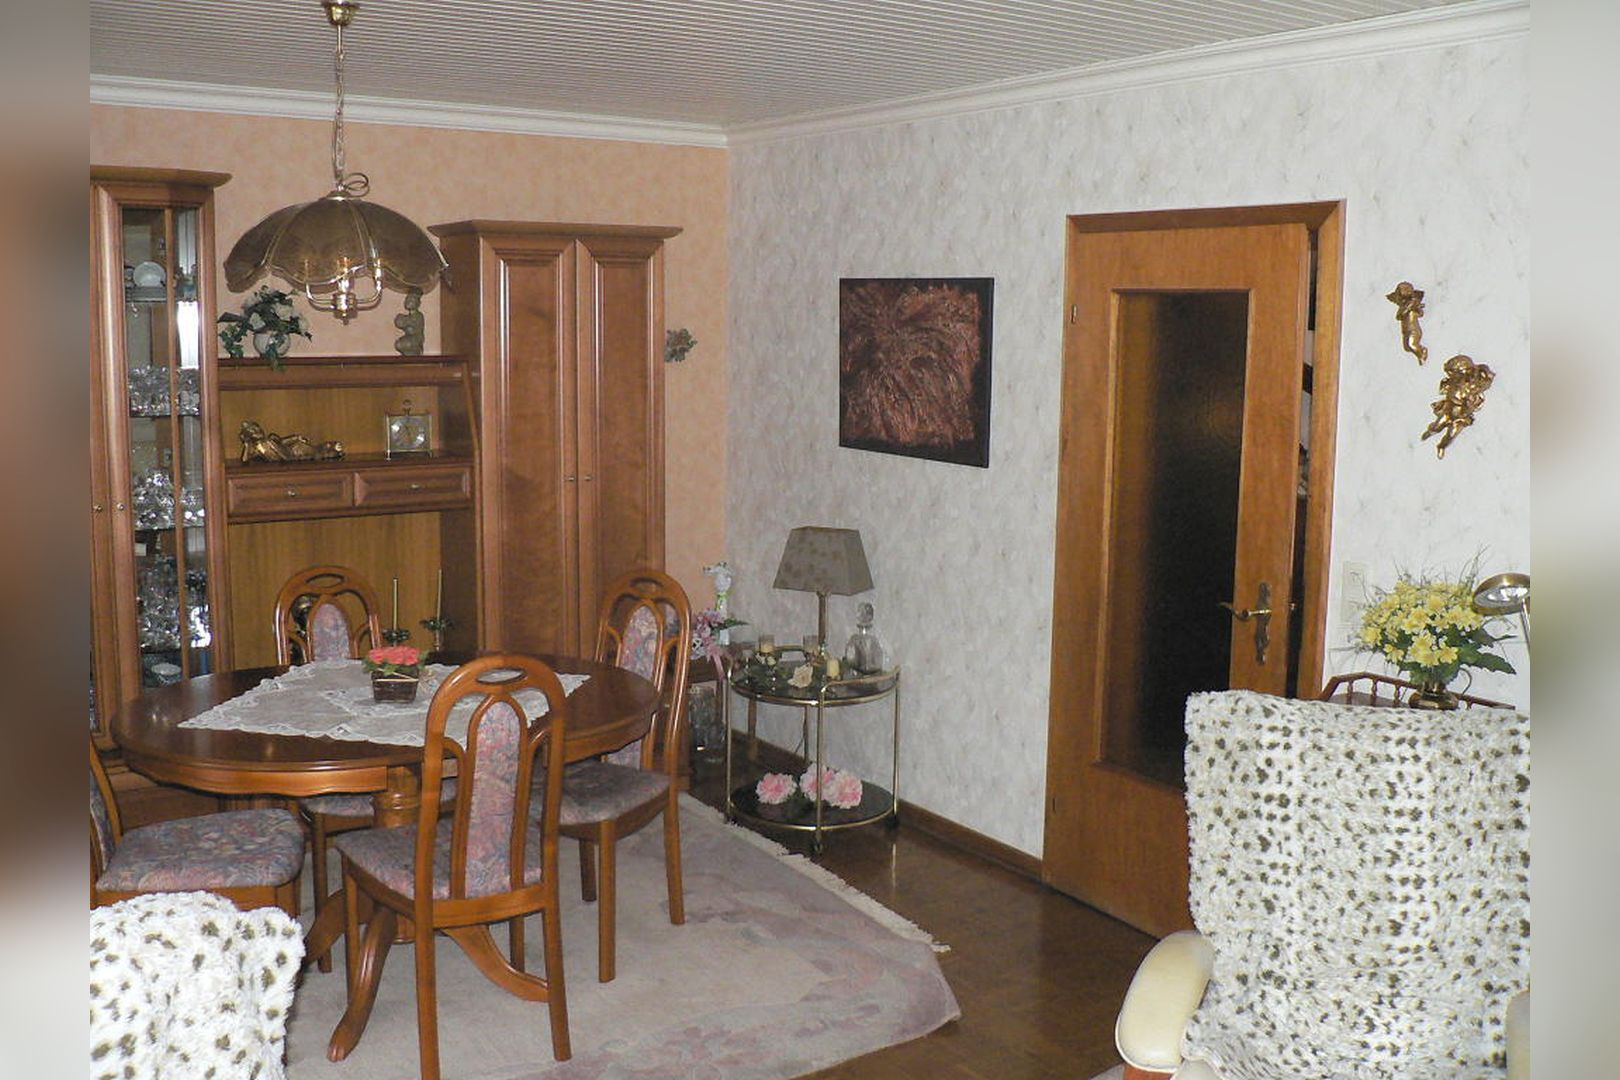 Immobilie Nr.0243 - Reihenendhaus 2-geschossig mit Vollkeller und Garage  - Bild 16.jpg